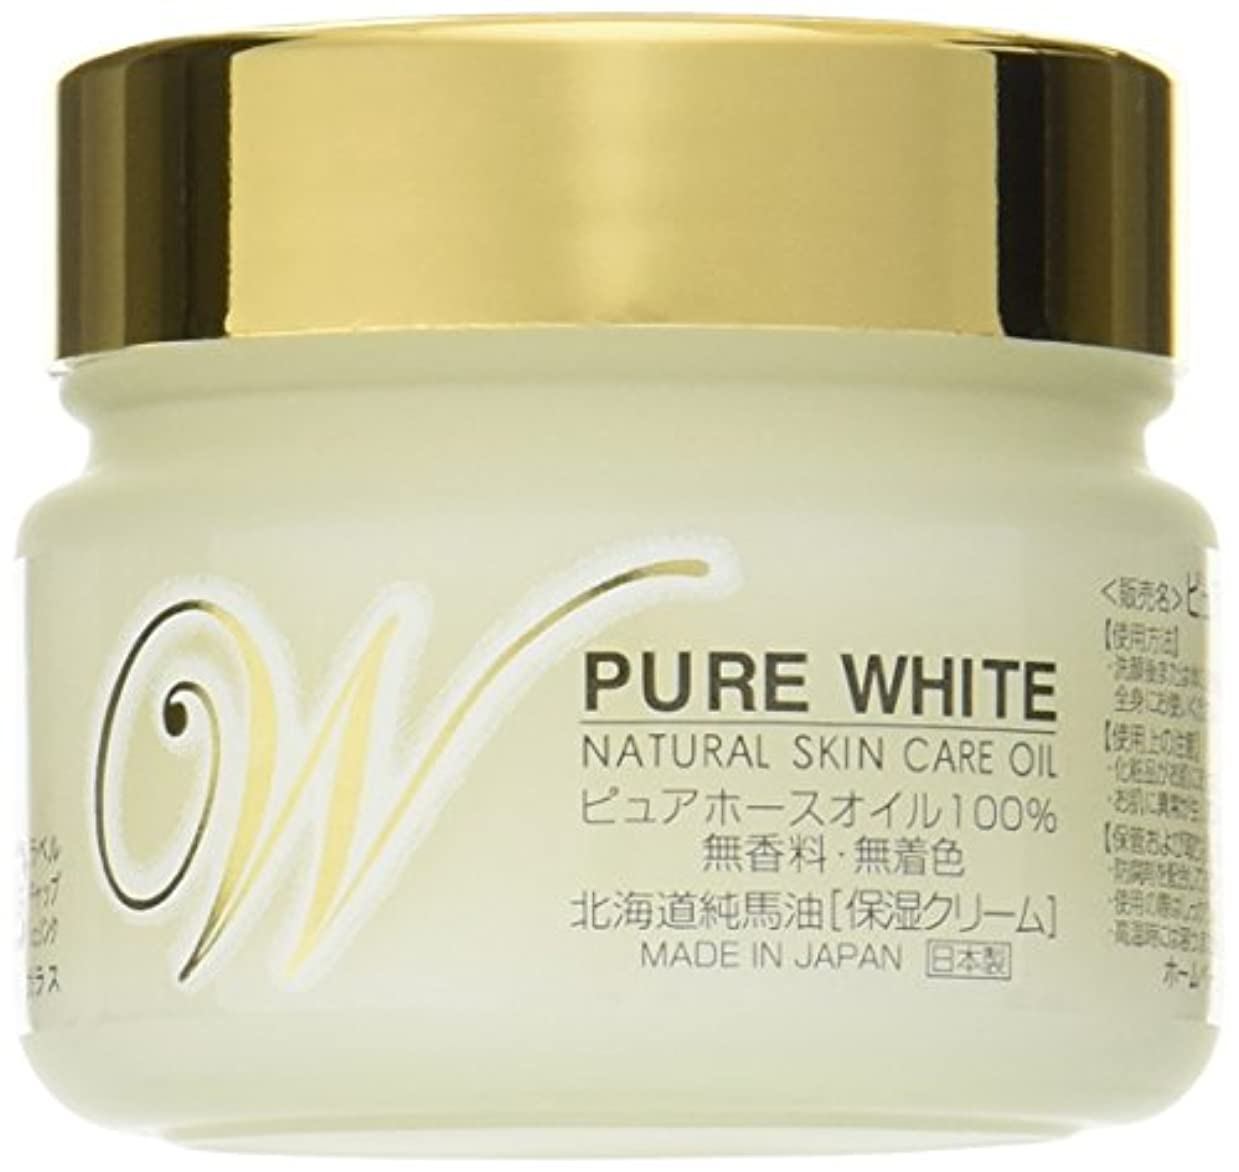 北海道純馬油本舗 ピュアホワイト ピュアホースオイル100% 保湿クリーム 無香料無着色 100g